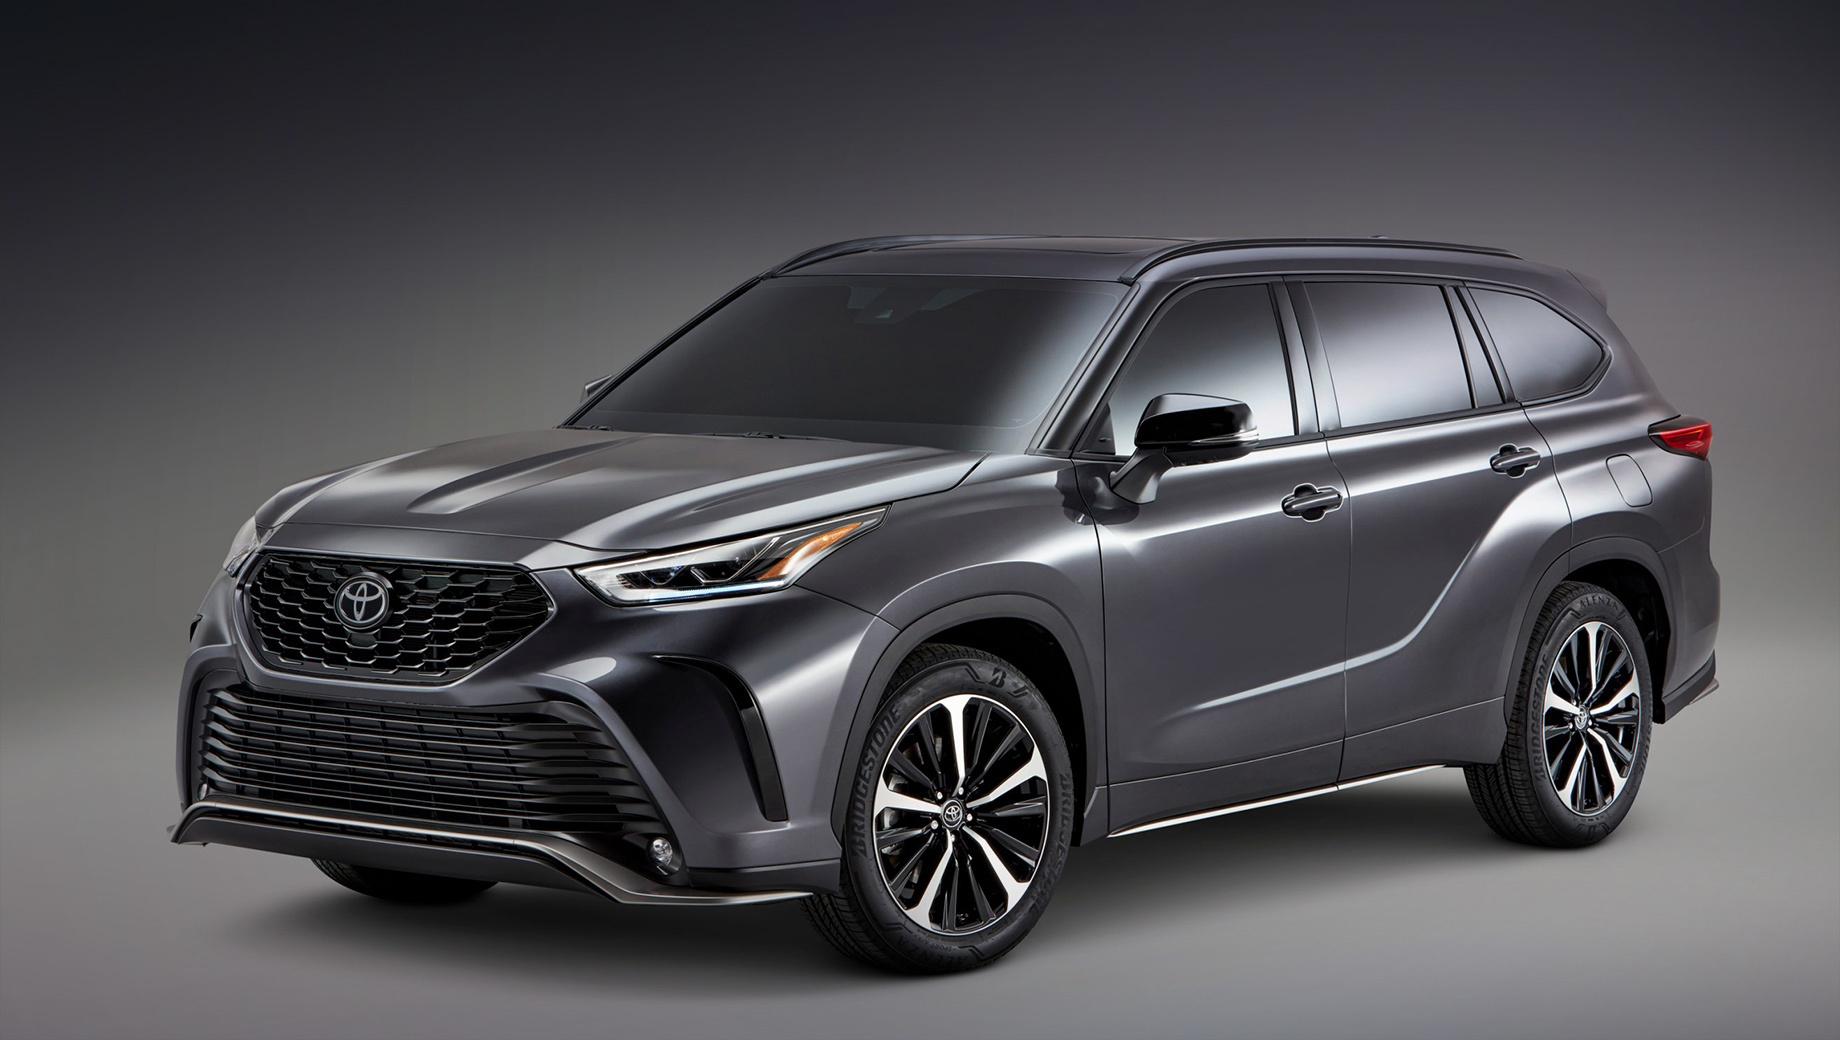 Toyota 4runner,Toyota sequoia,Toyota tacoma,Toyota highlander,Toyota tundra. Пакет XSE принёс Хайлендеру новую «перевёрнутую» решётку и необычный передний бампер с массивным воздухозаборником, сплиттером и противотуманками «по углам». Фары считаются уникальными благодаря чёрным акцентам.